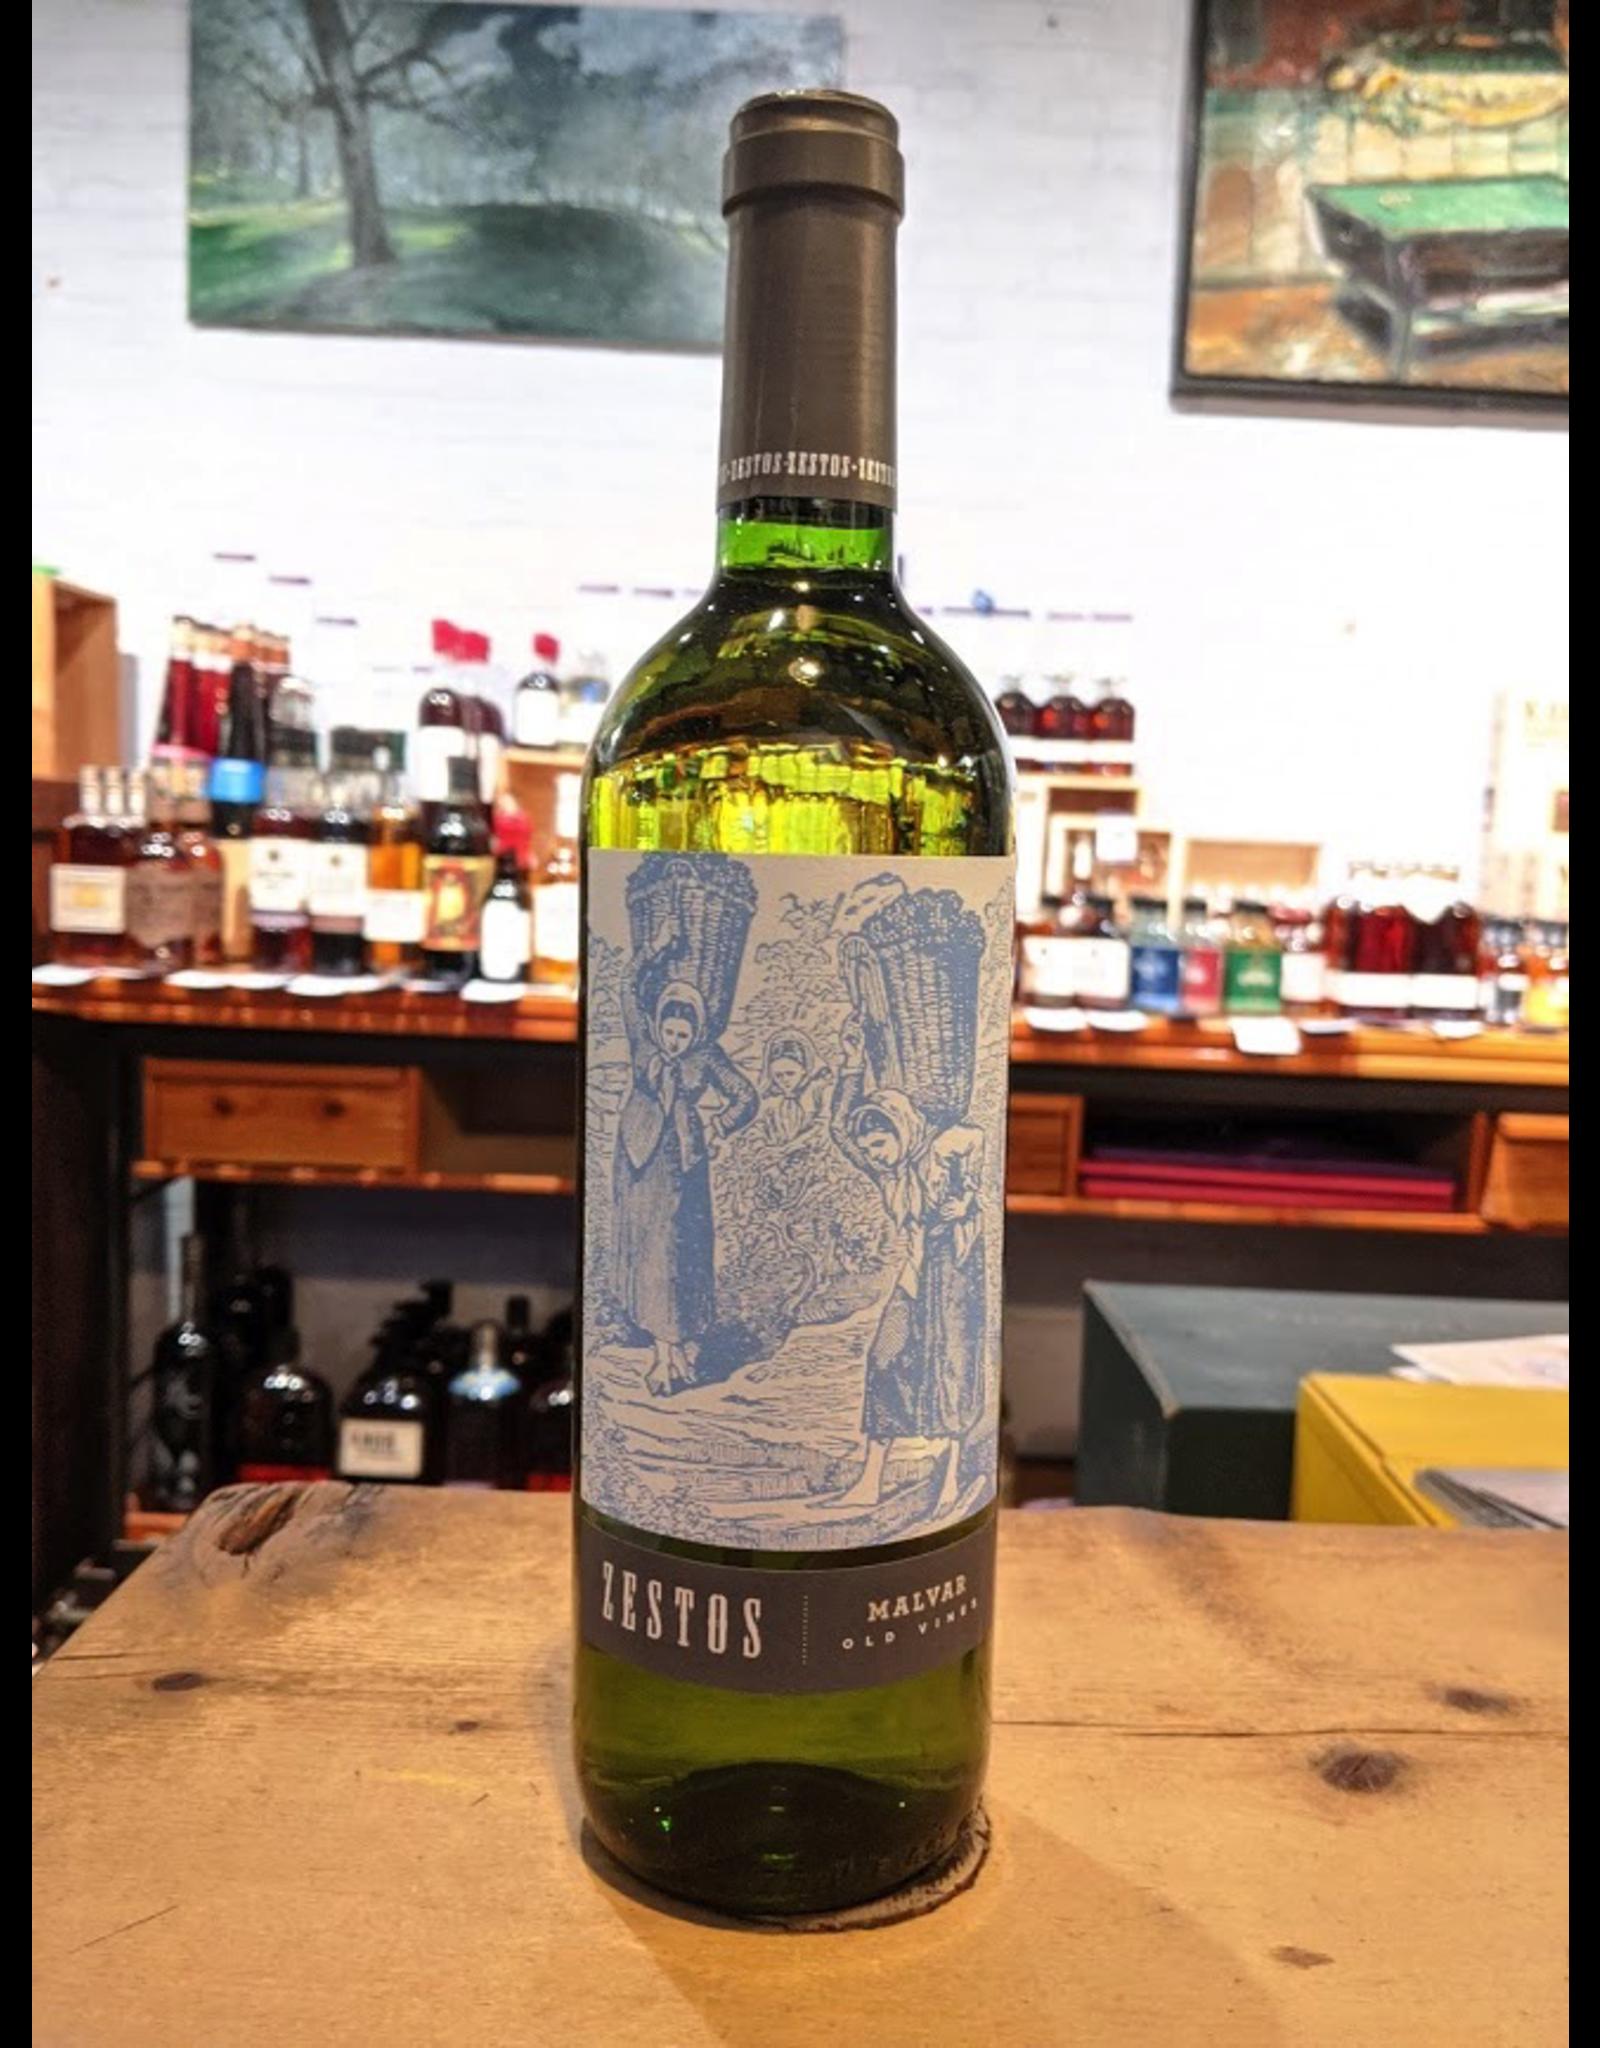 Wine 2018 Zestos Malvar Old Vines Blanco - Madrid, Spain(750ml)